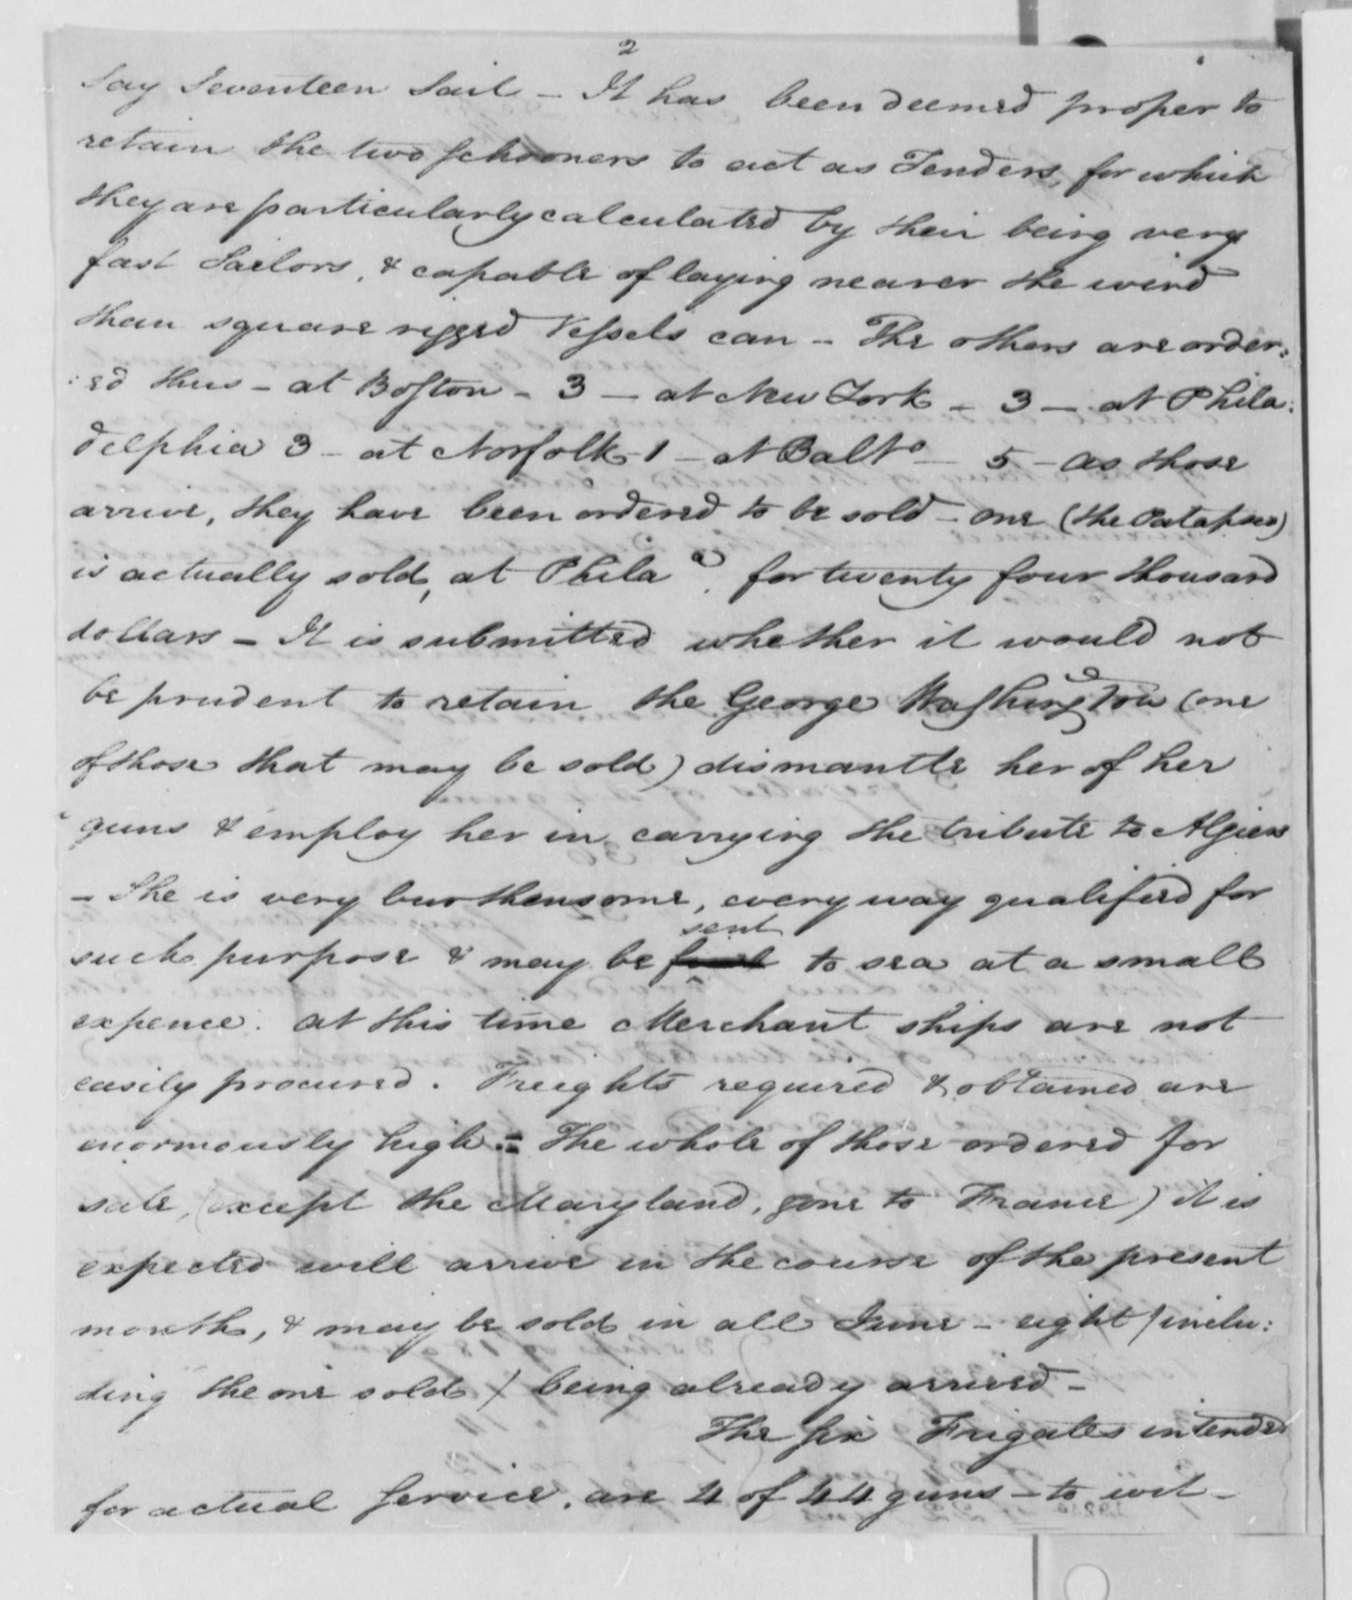 Samuel Smith to Thomas Jefferson, May 4, 1801